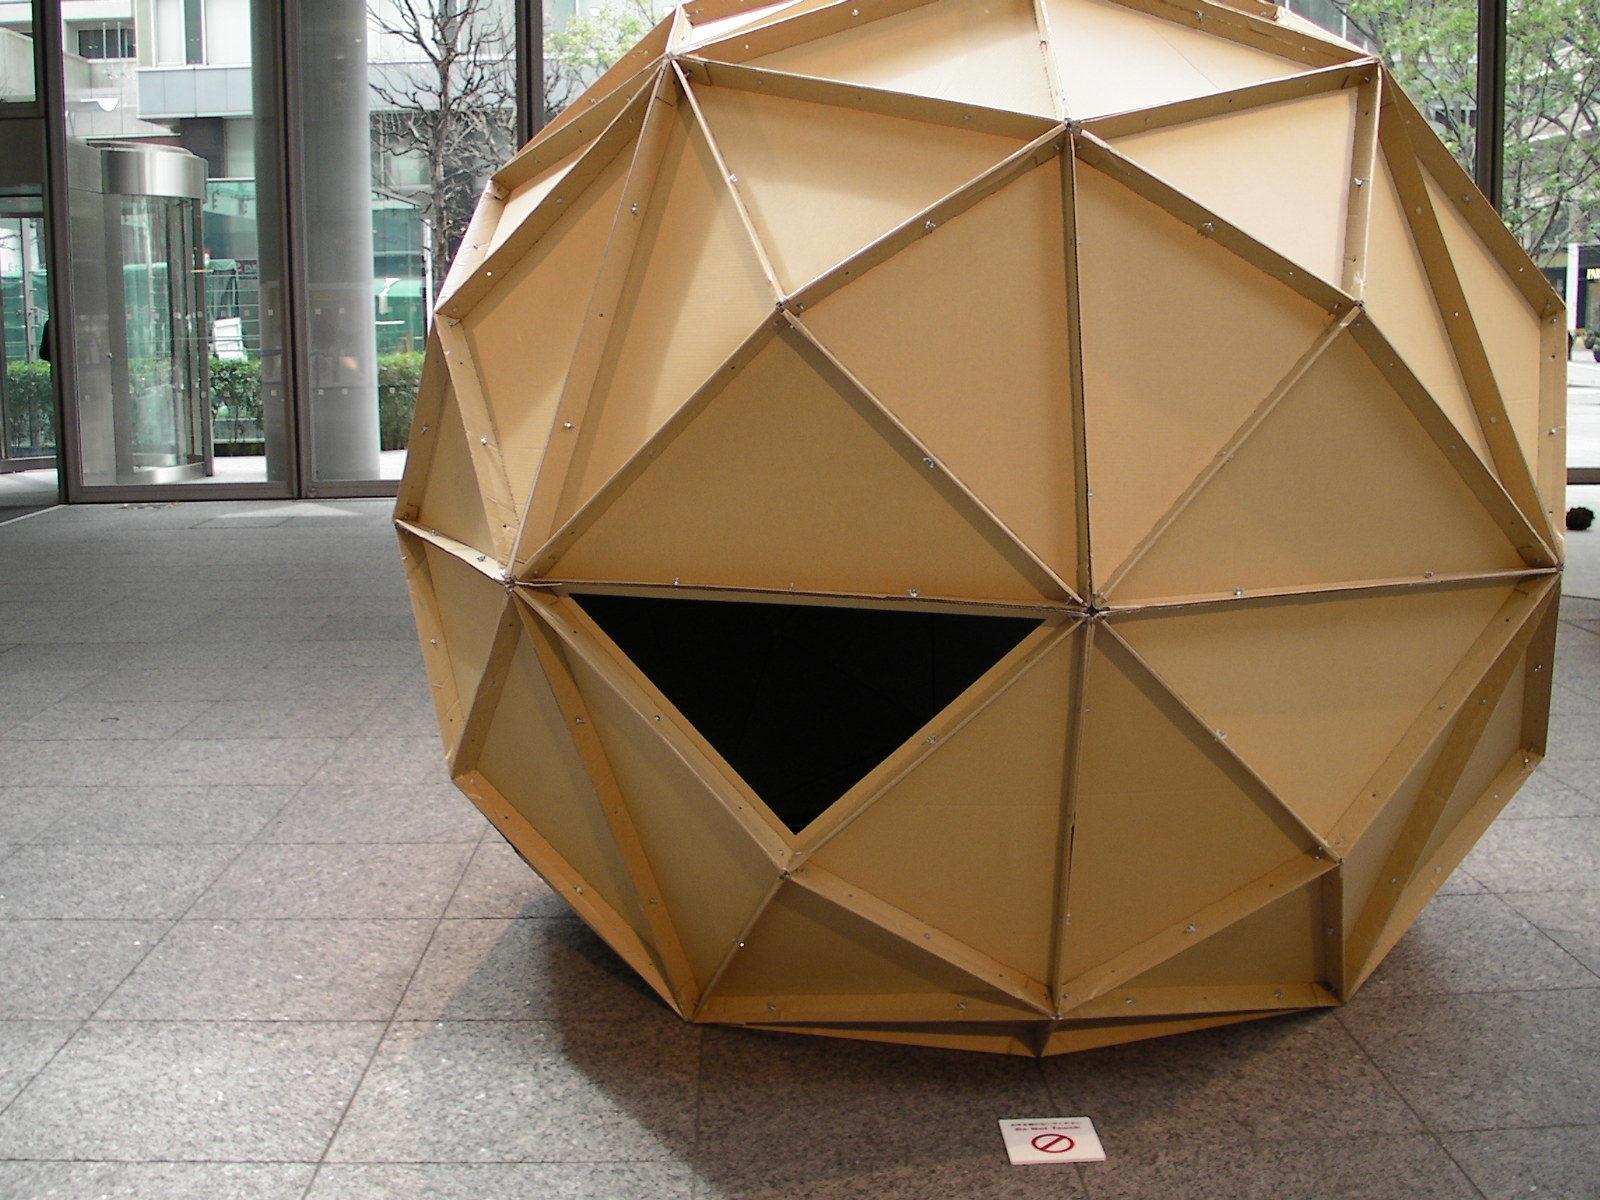 鳴川肇《Paper Dome Oct 9》